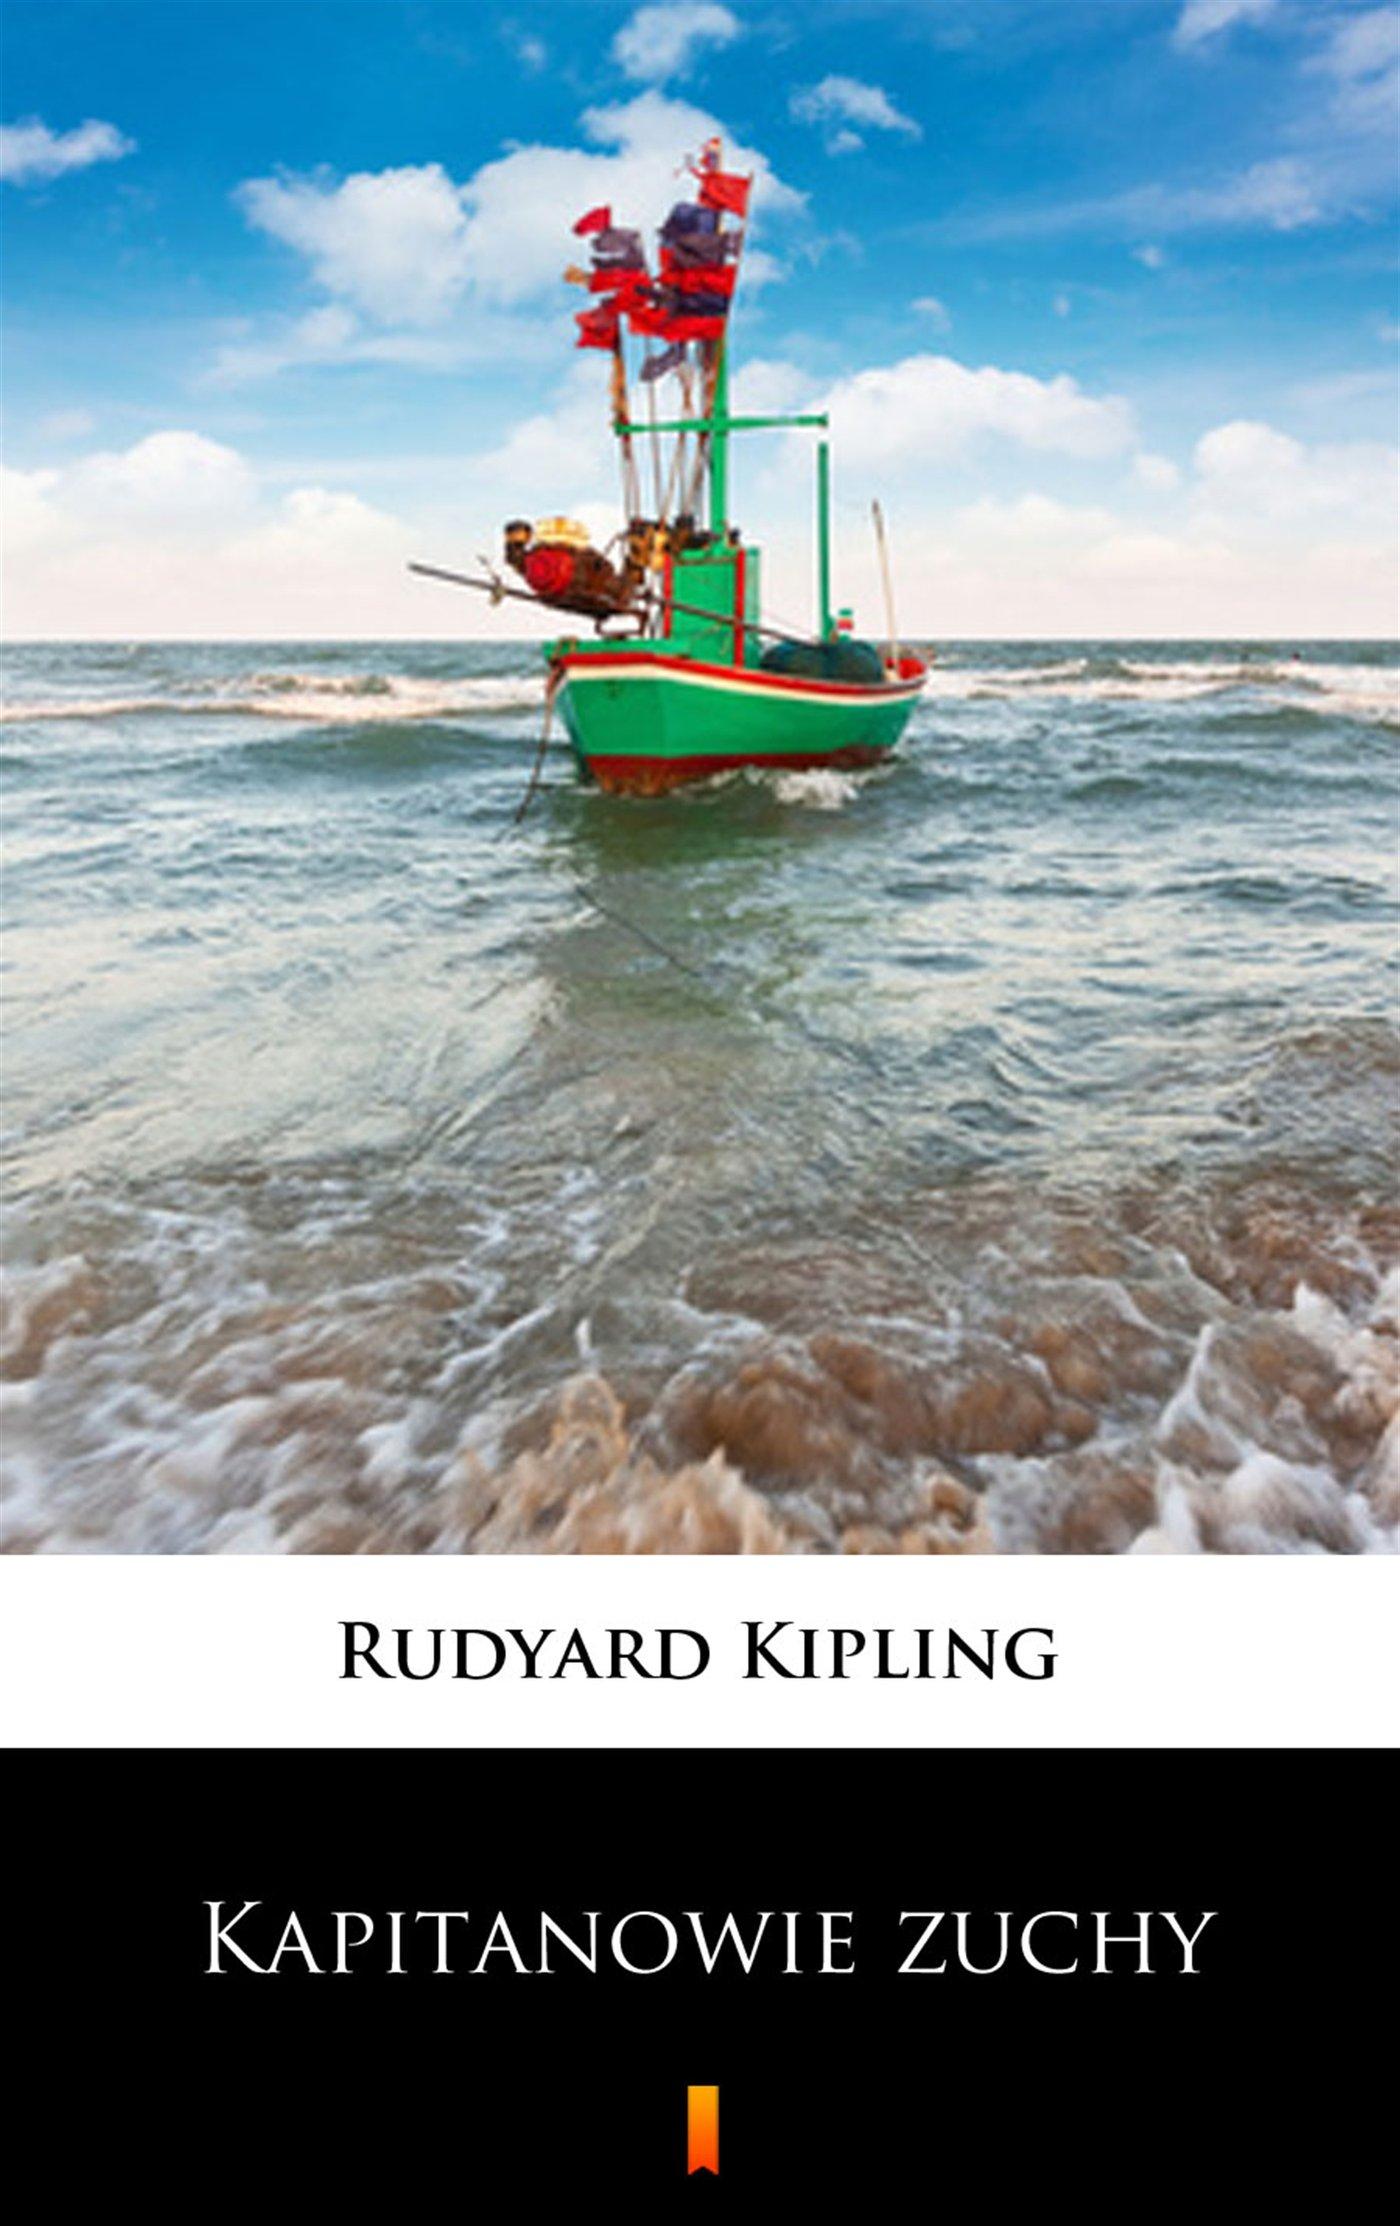 Kapitanowie zuchy - Ebook (Książka na Kindle) do pobrania w formacie MOBI